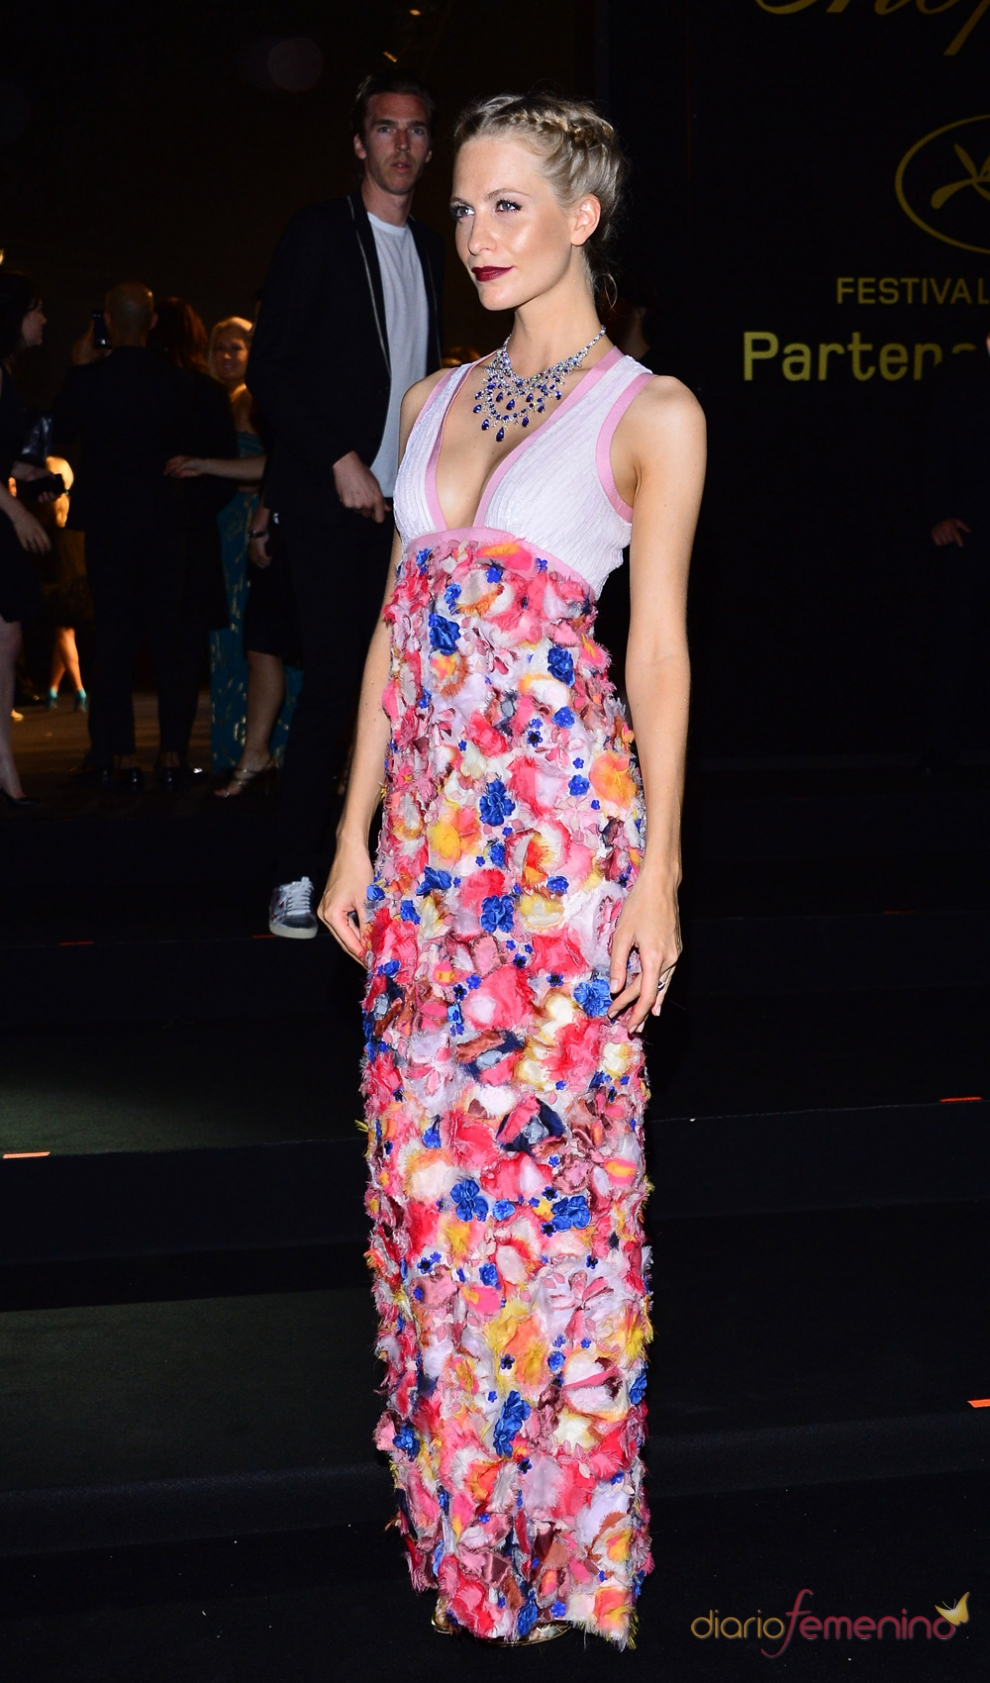 Fiesta de Chopard: el vestido de flores de Poppy Delevingne